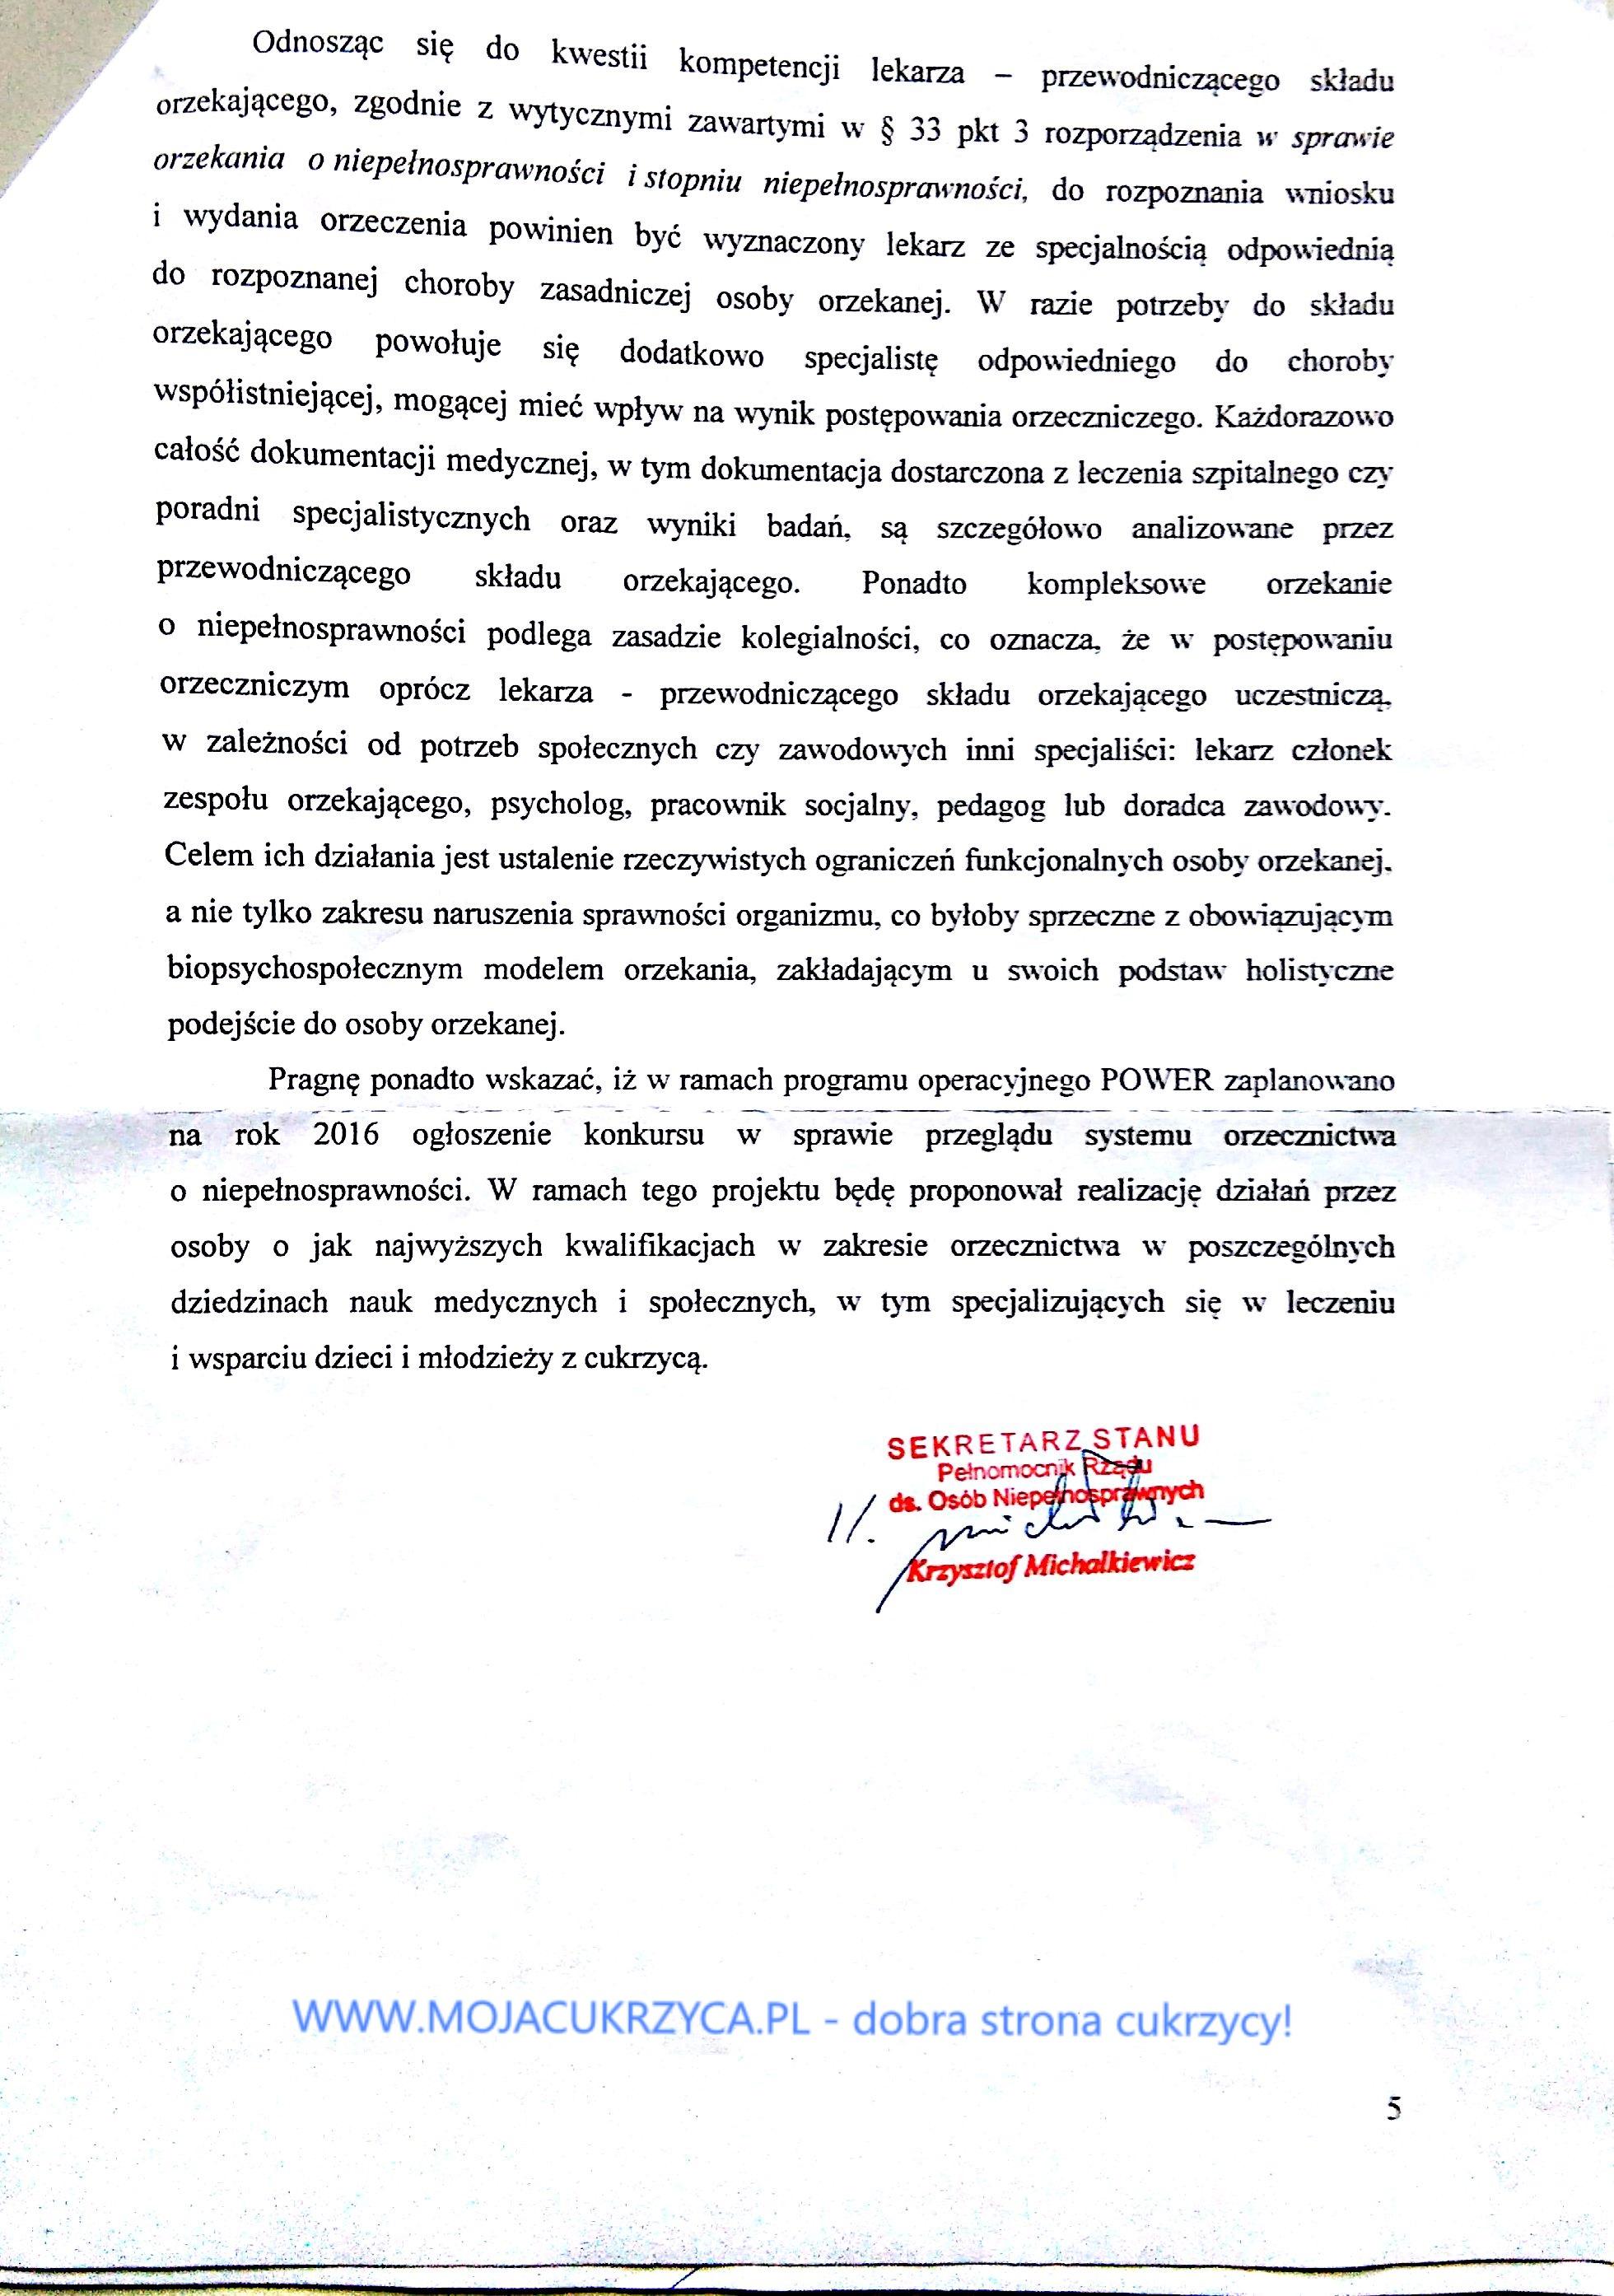 Odpowiedź MRPPiS o okrzekaniu o niepełnosprawności przy cukrzycy - www.mojacukrzyca.pl str. 5/5